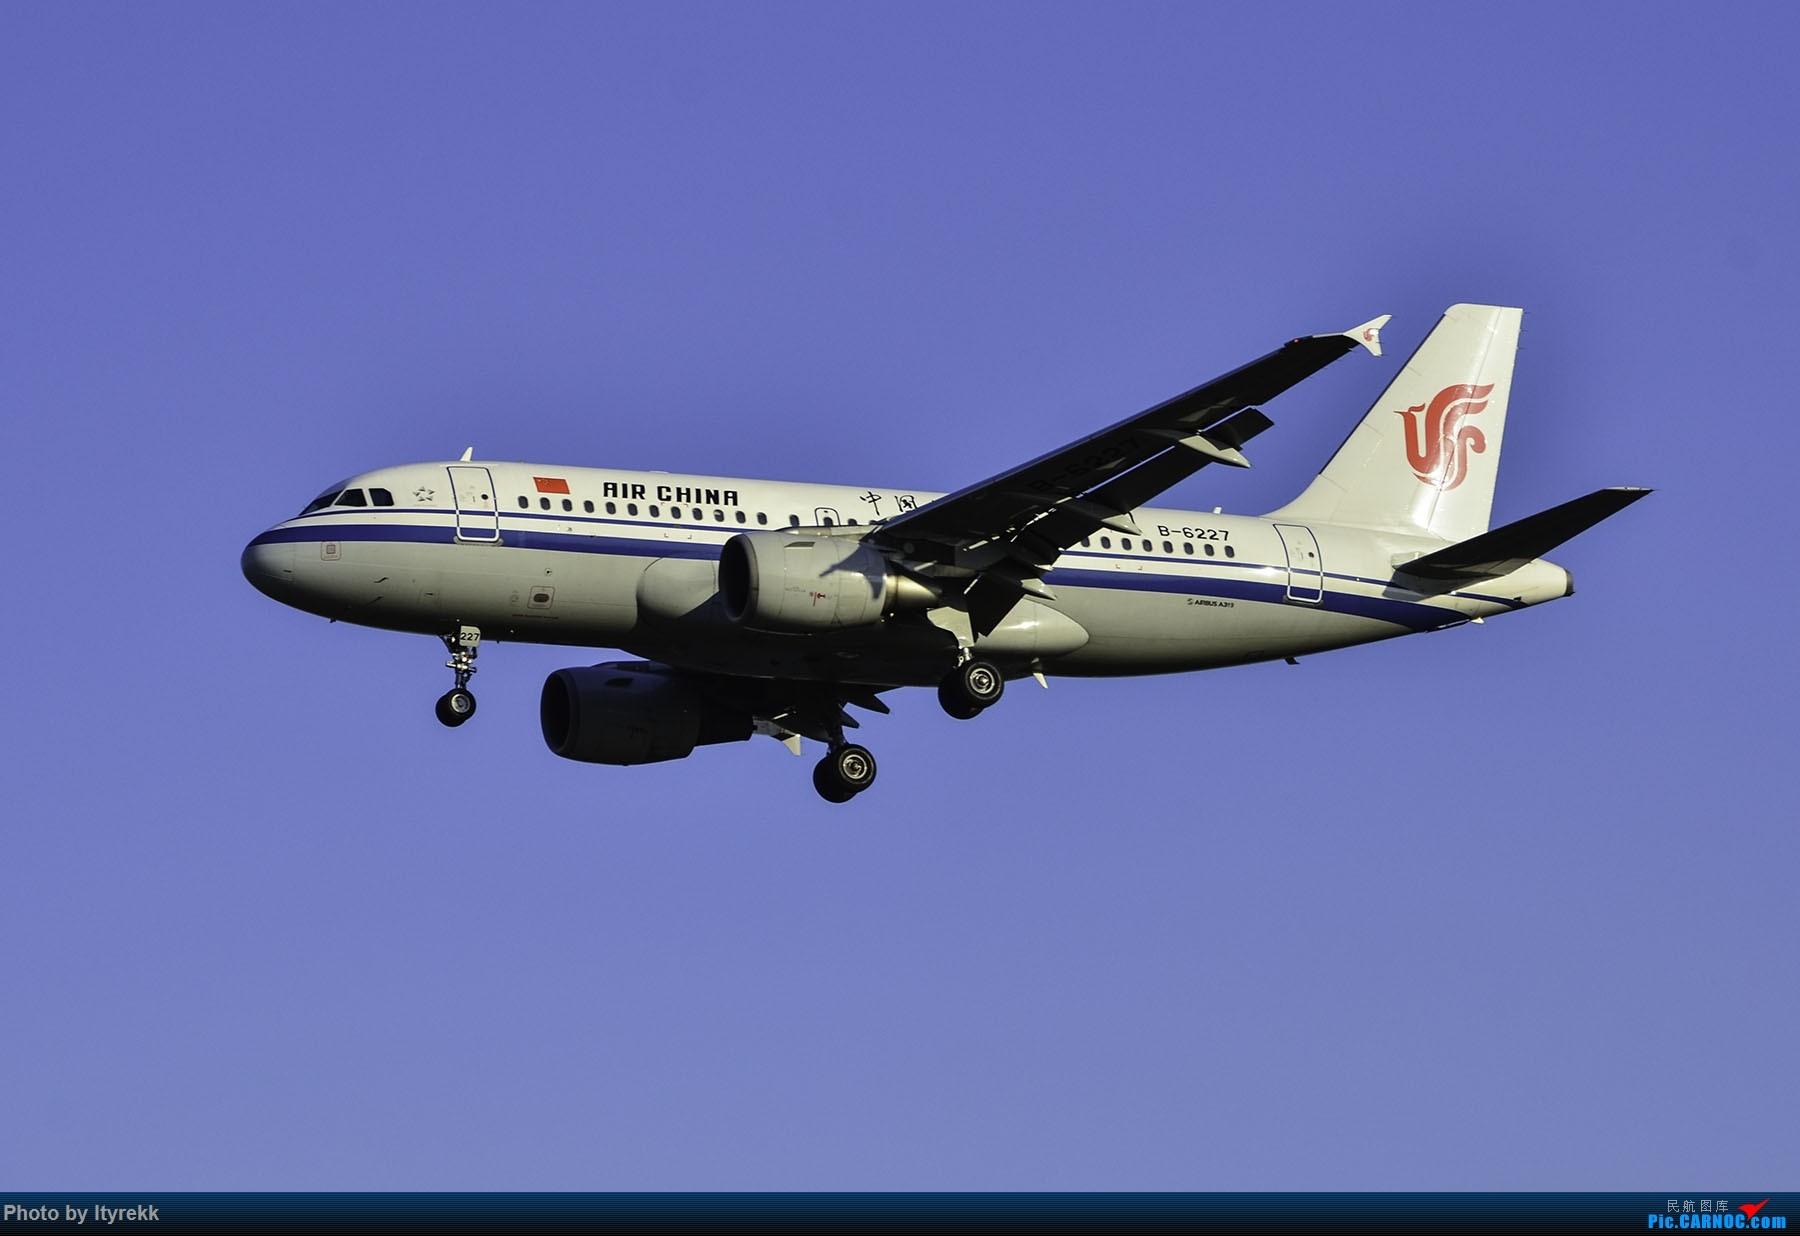 Re:[原创]PEK一日游 收获厦航首架789 B-1566等 AIRBUS A319-100 B-6227 中国北京首都国际机场